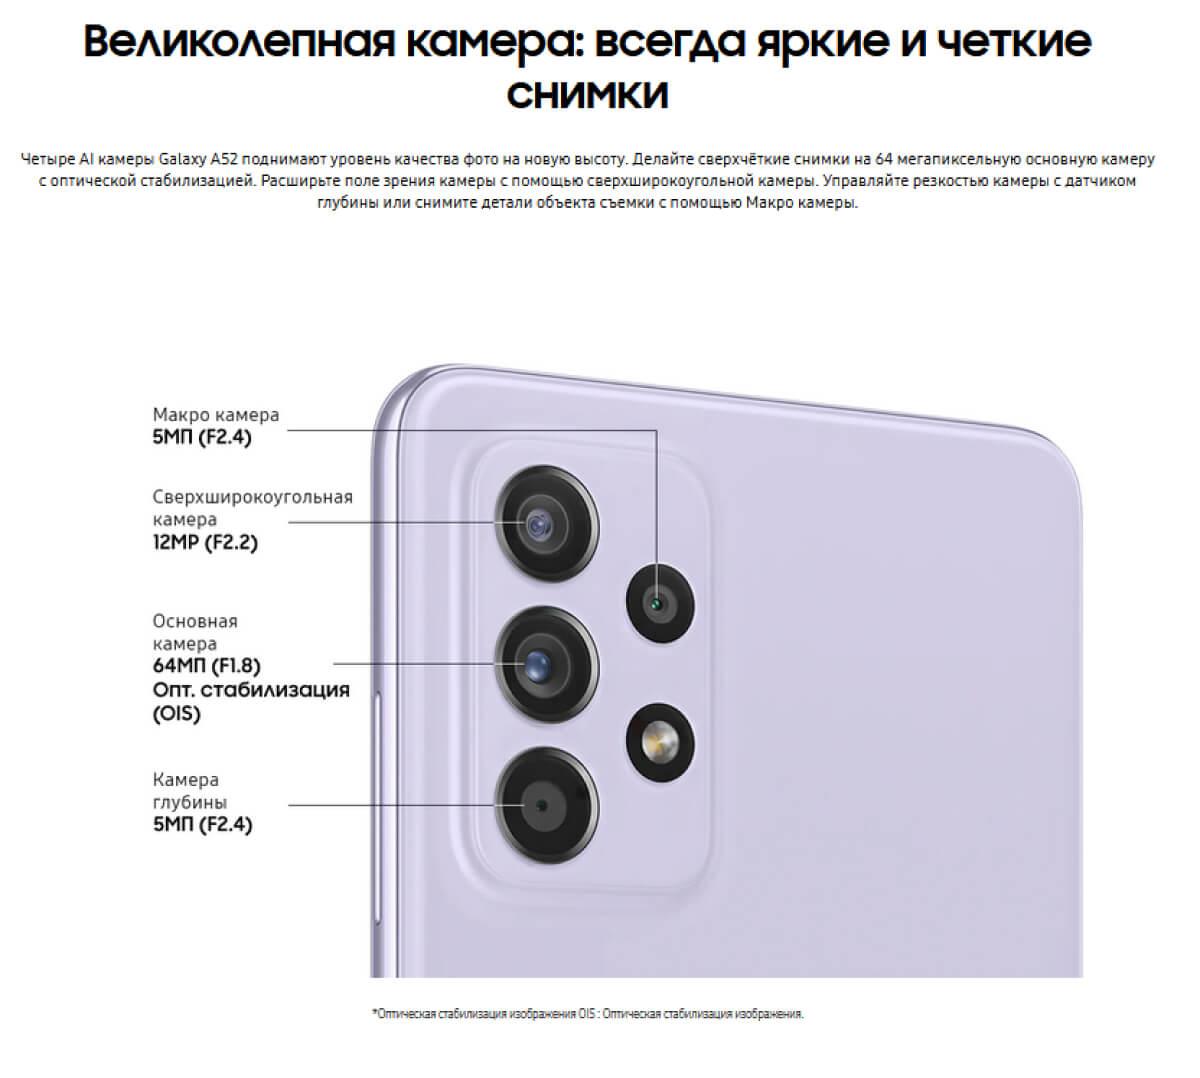 Samsung Galaxy A52 4/128 GB Чёрный купить